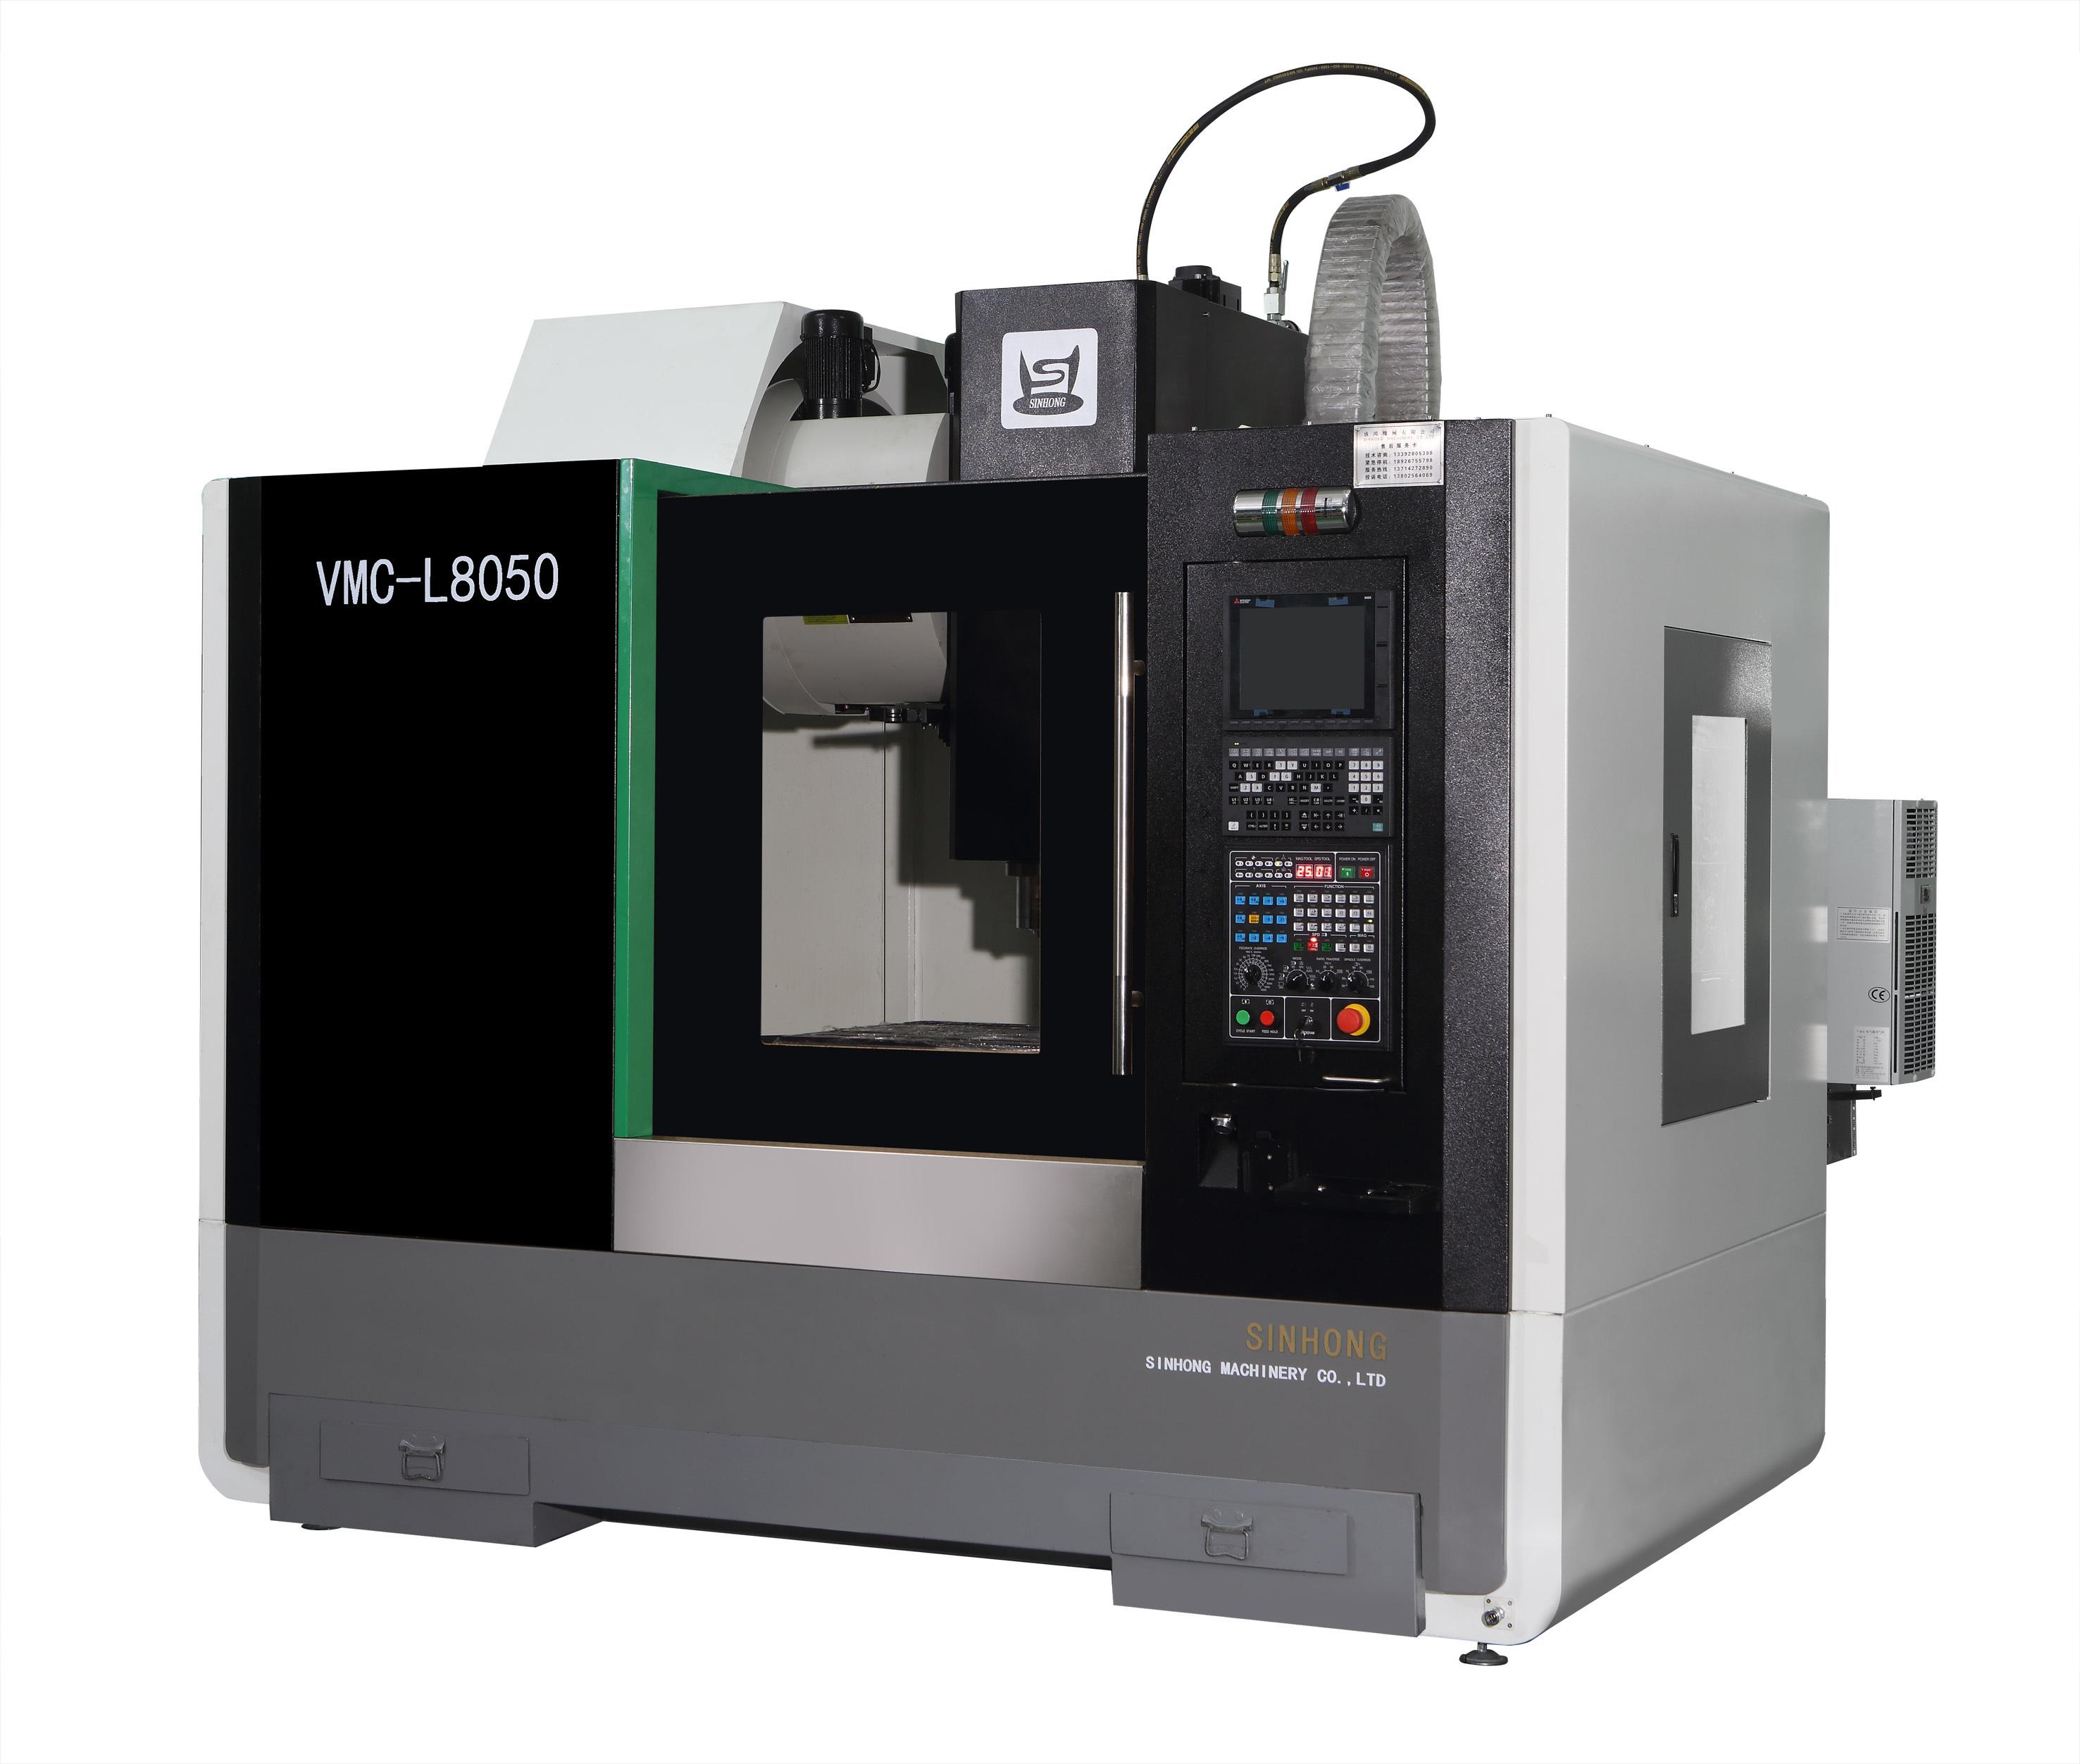 VMC-L8050